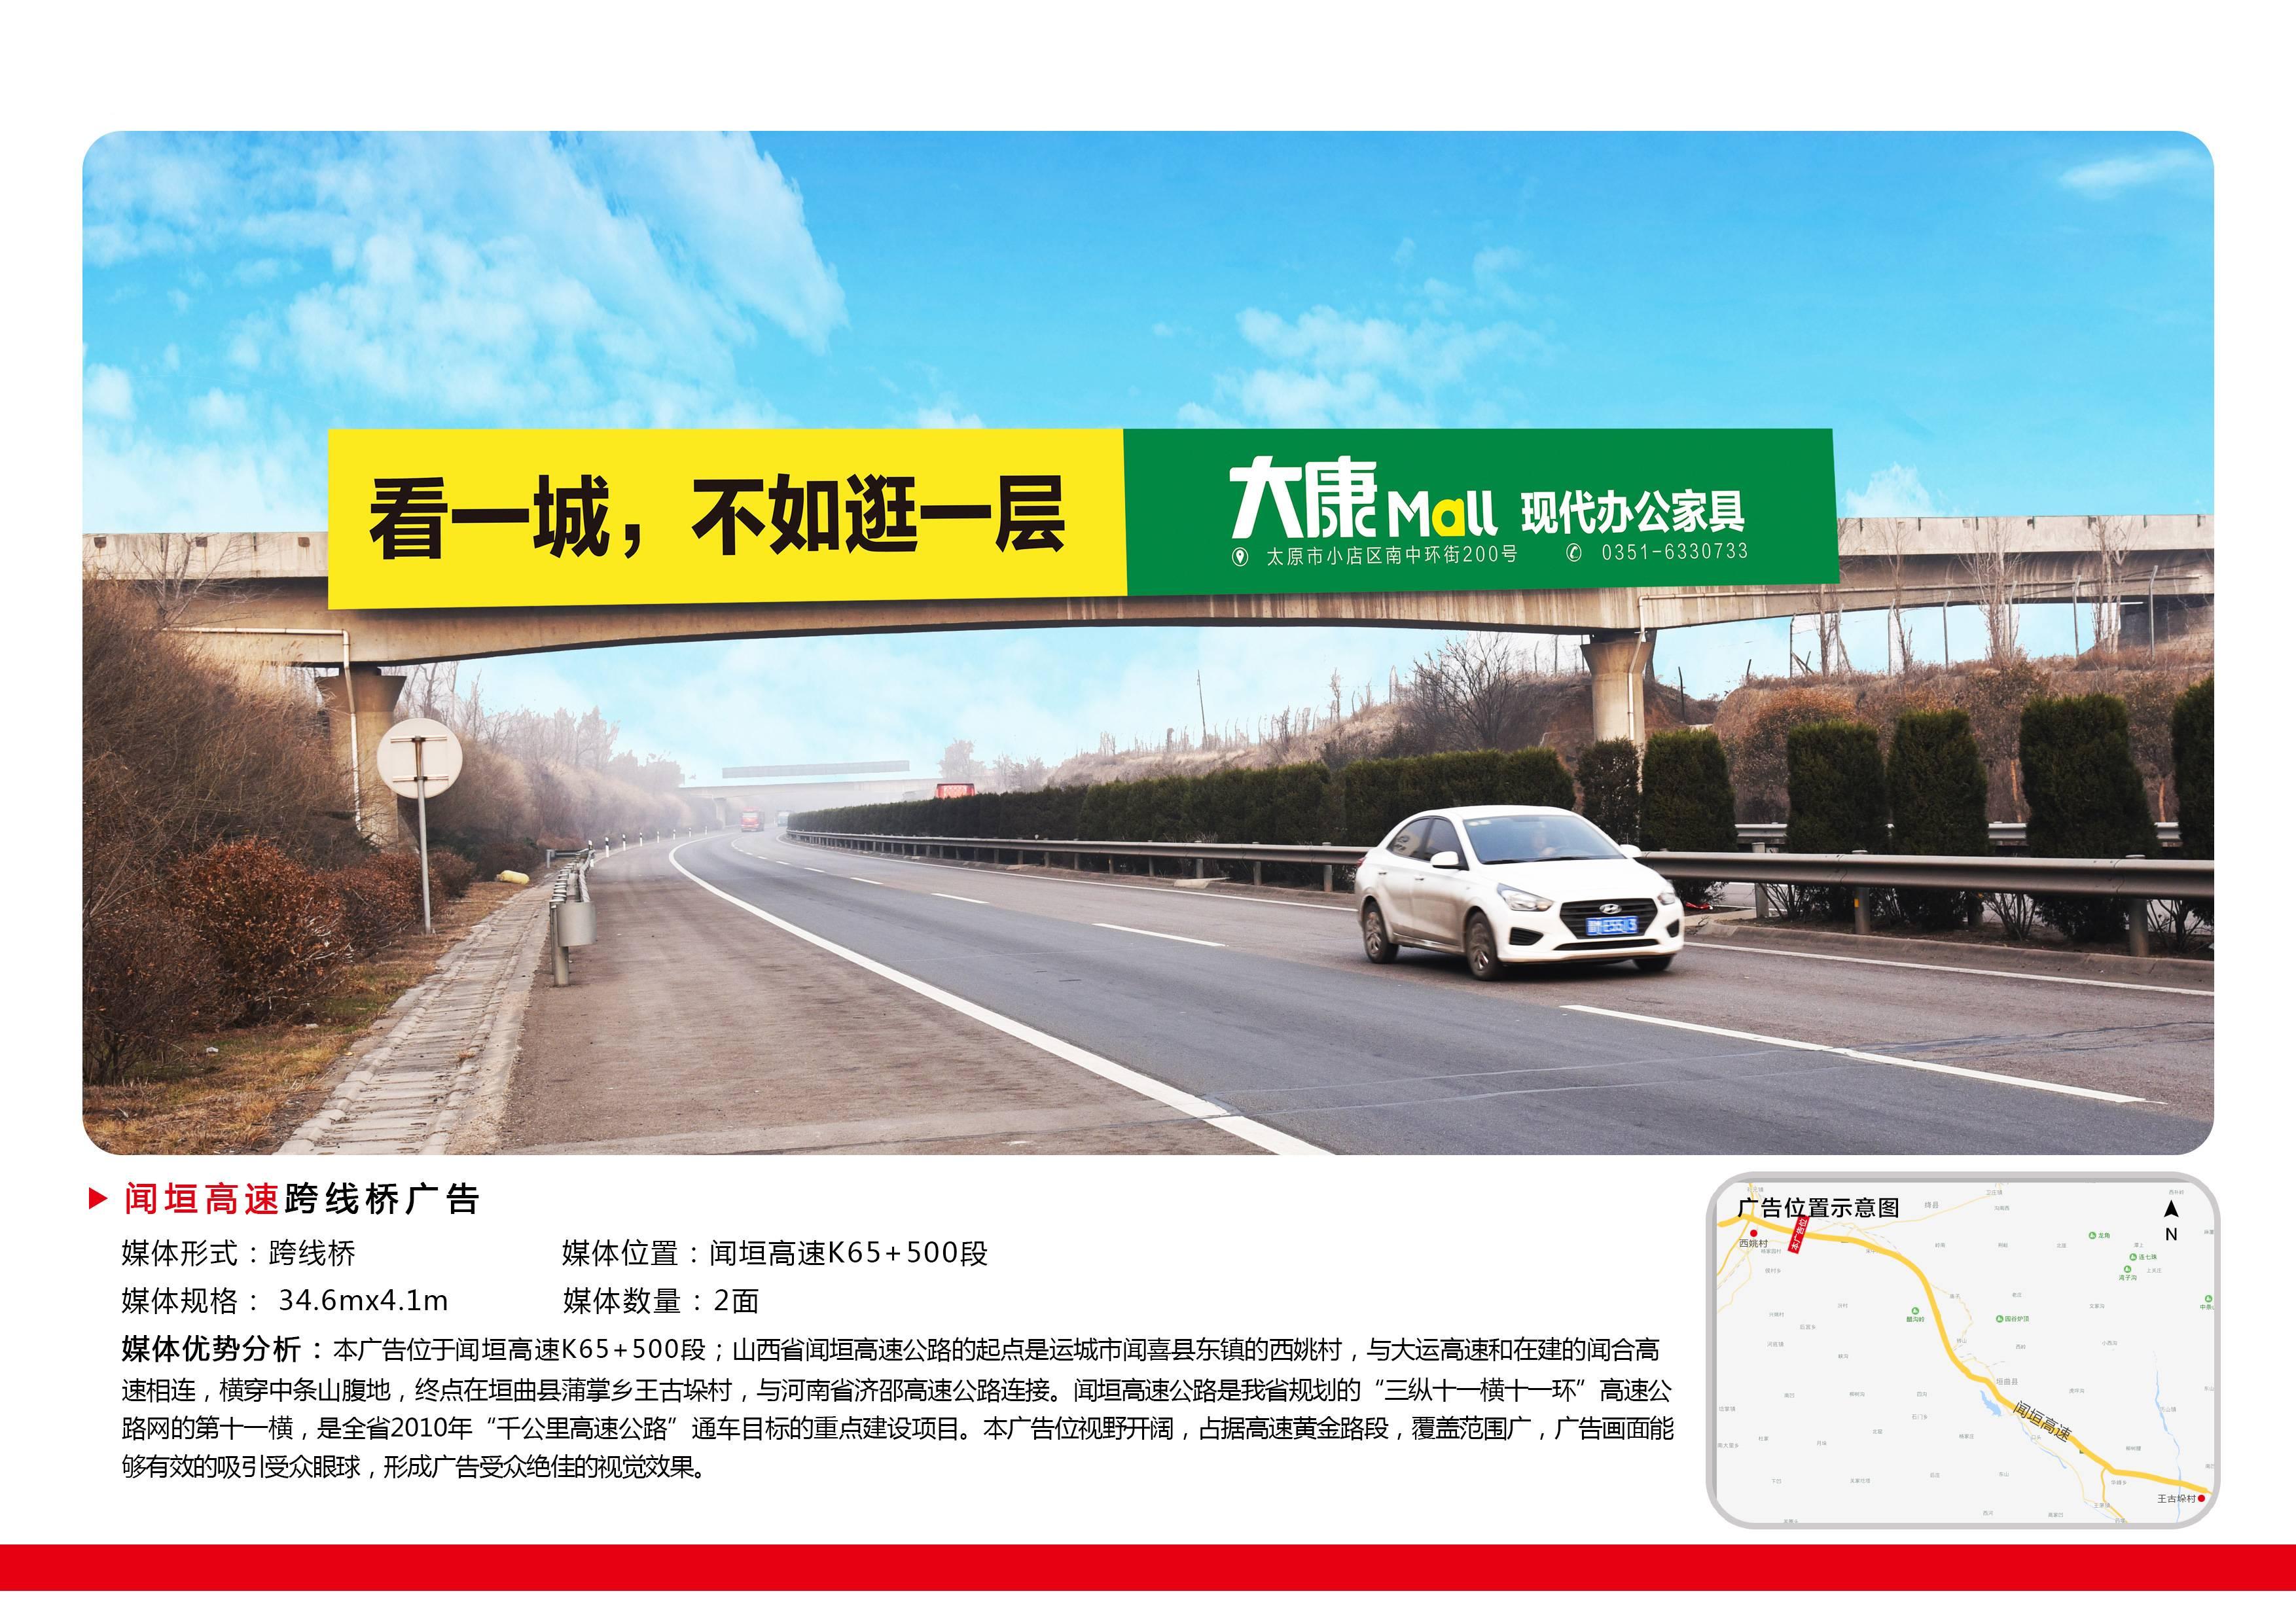 山西闻垣高速S88高速路牌跨桥广告